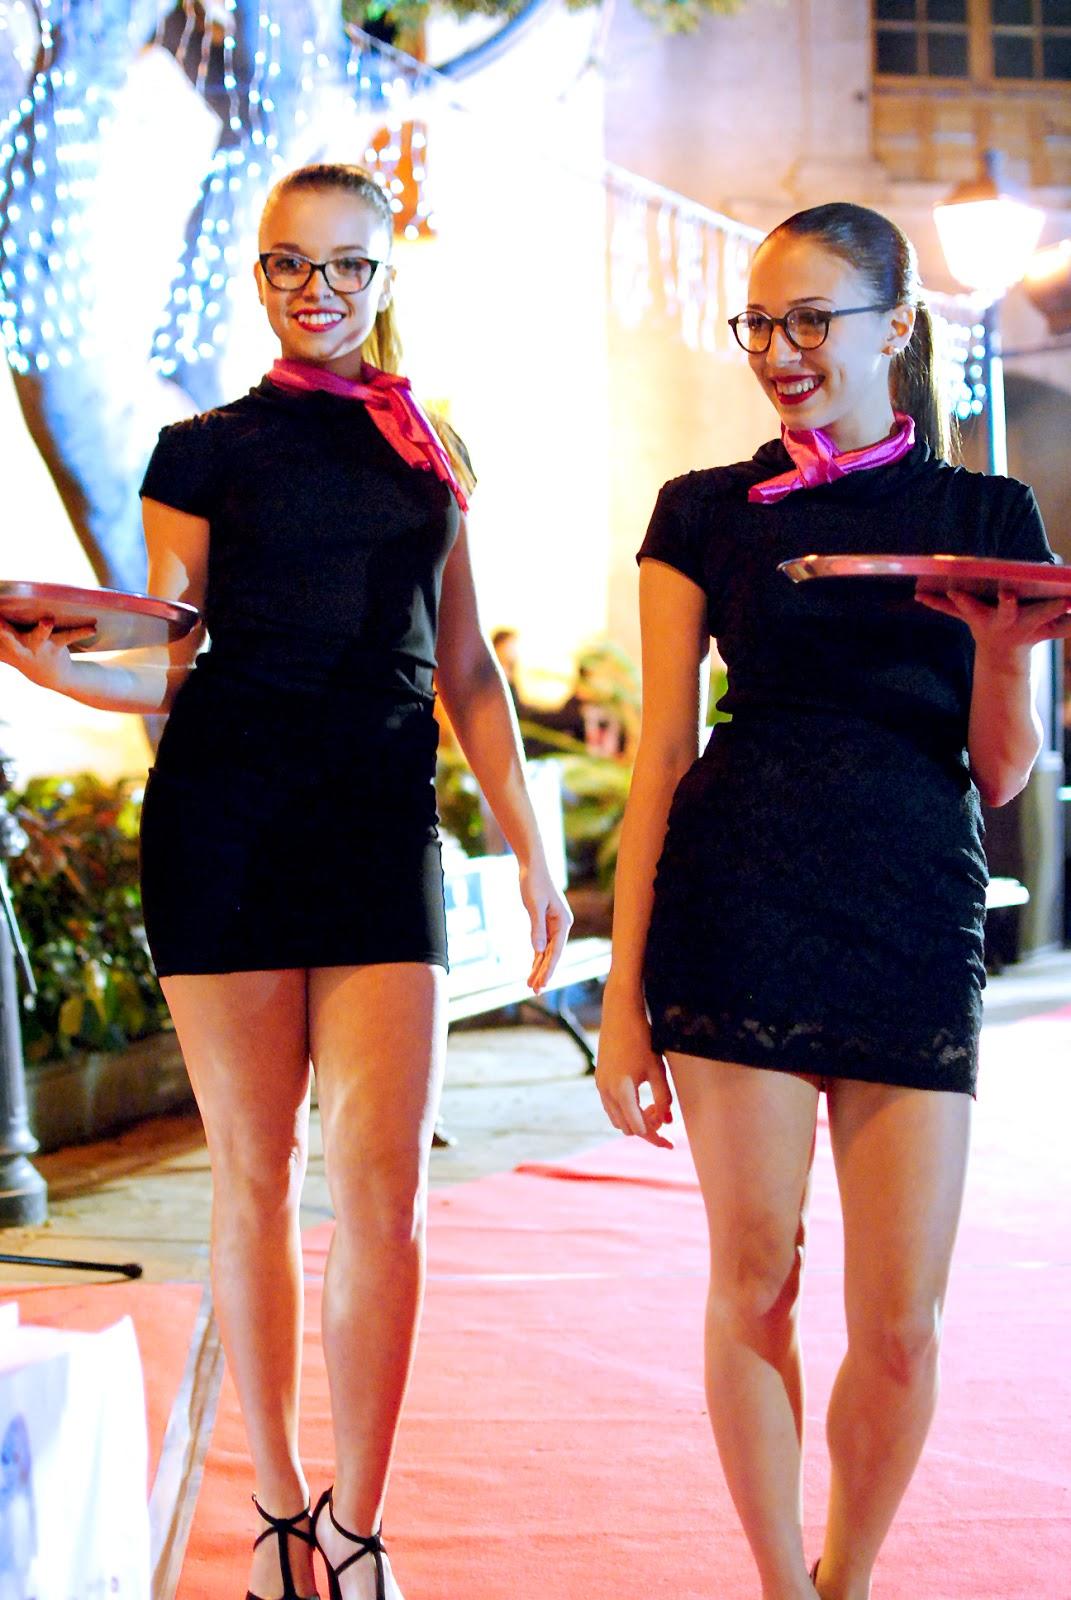 moda güimar, nery hdez, eventos, desfile en tenerife, blogueras de tenerife, moda canaria, moda tenerife